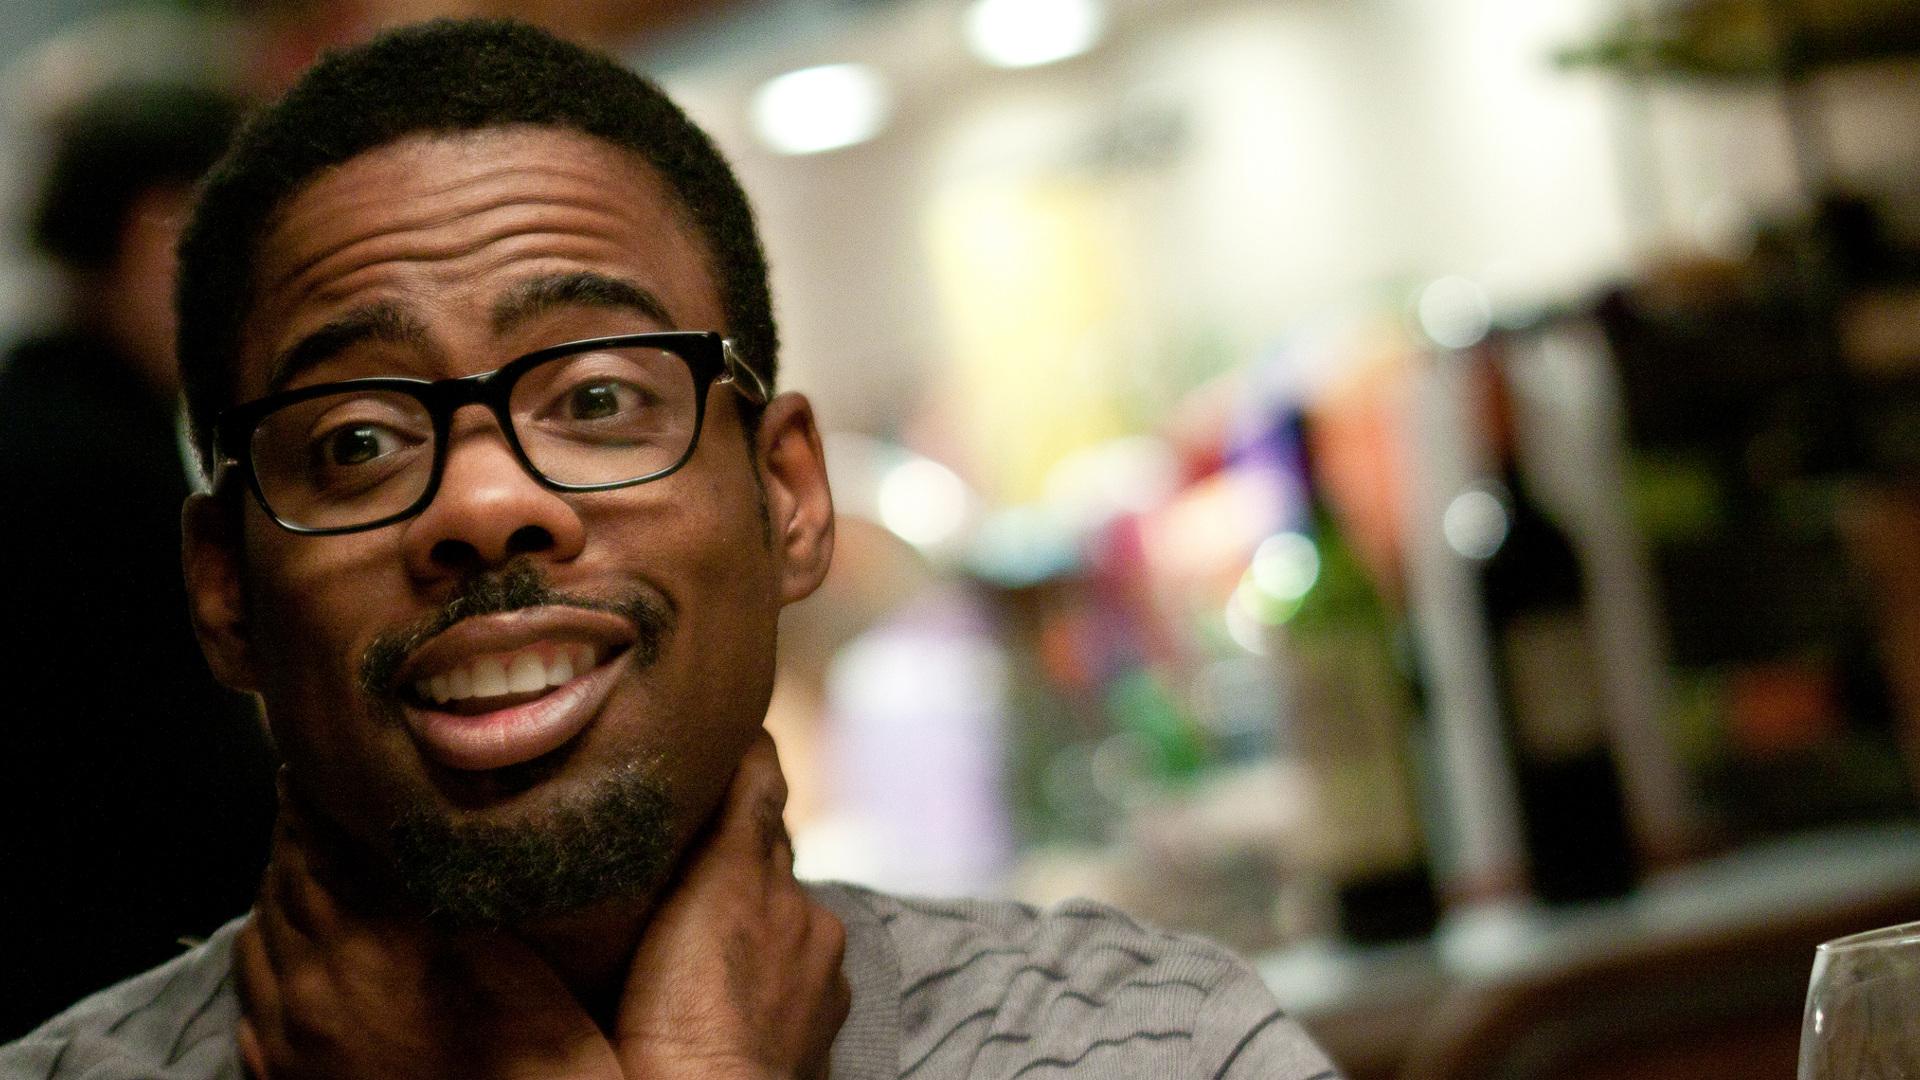 Chris Rock Glasses Wallpaper 56615 1920x1080px 1920x1080